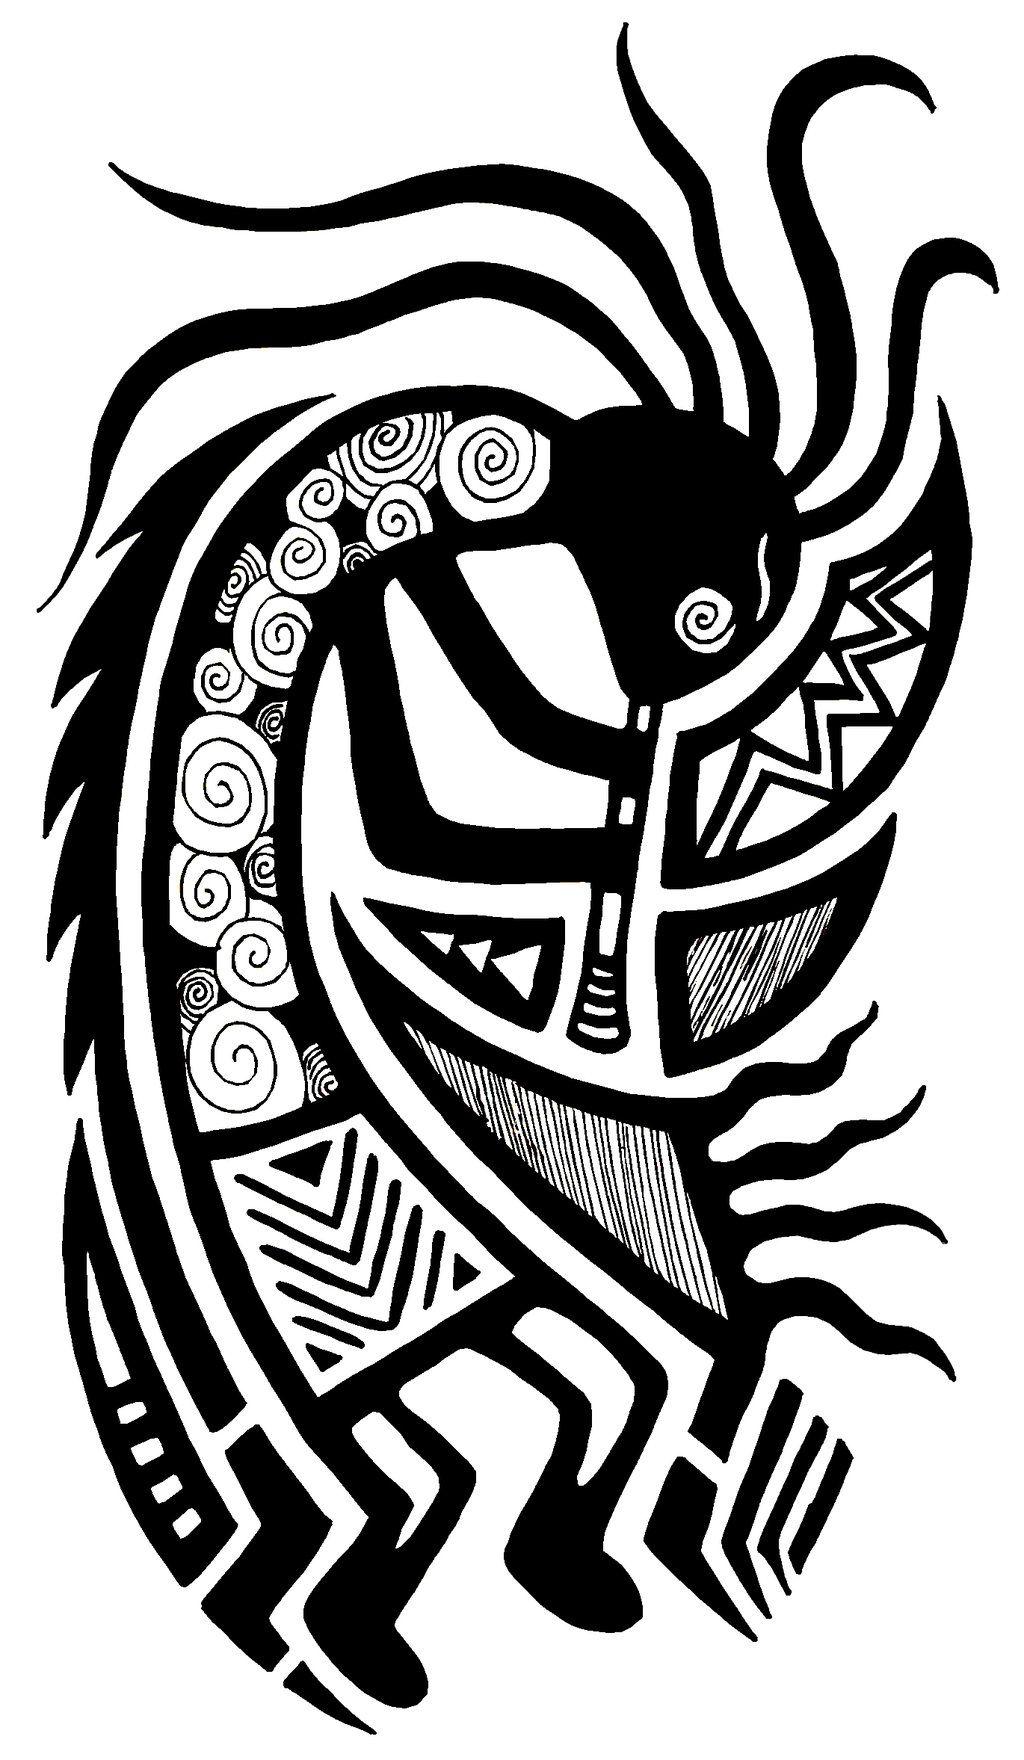 Kokopelli By Louisecampbell On Deviantart Kokopelli Art Kokopelli Tattoo Native American Art